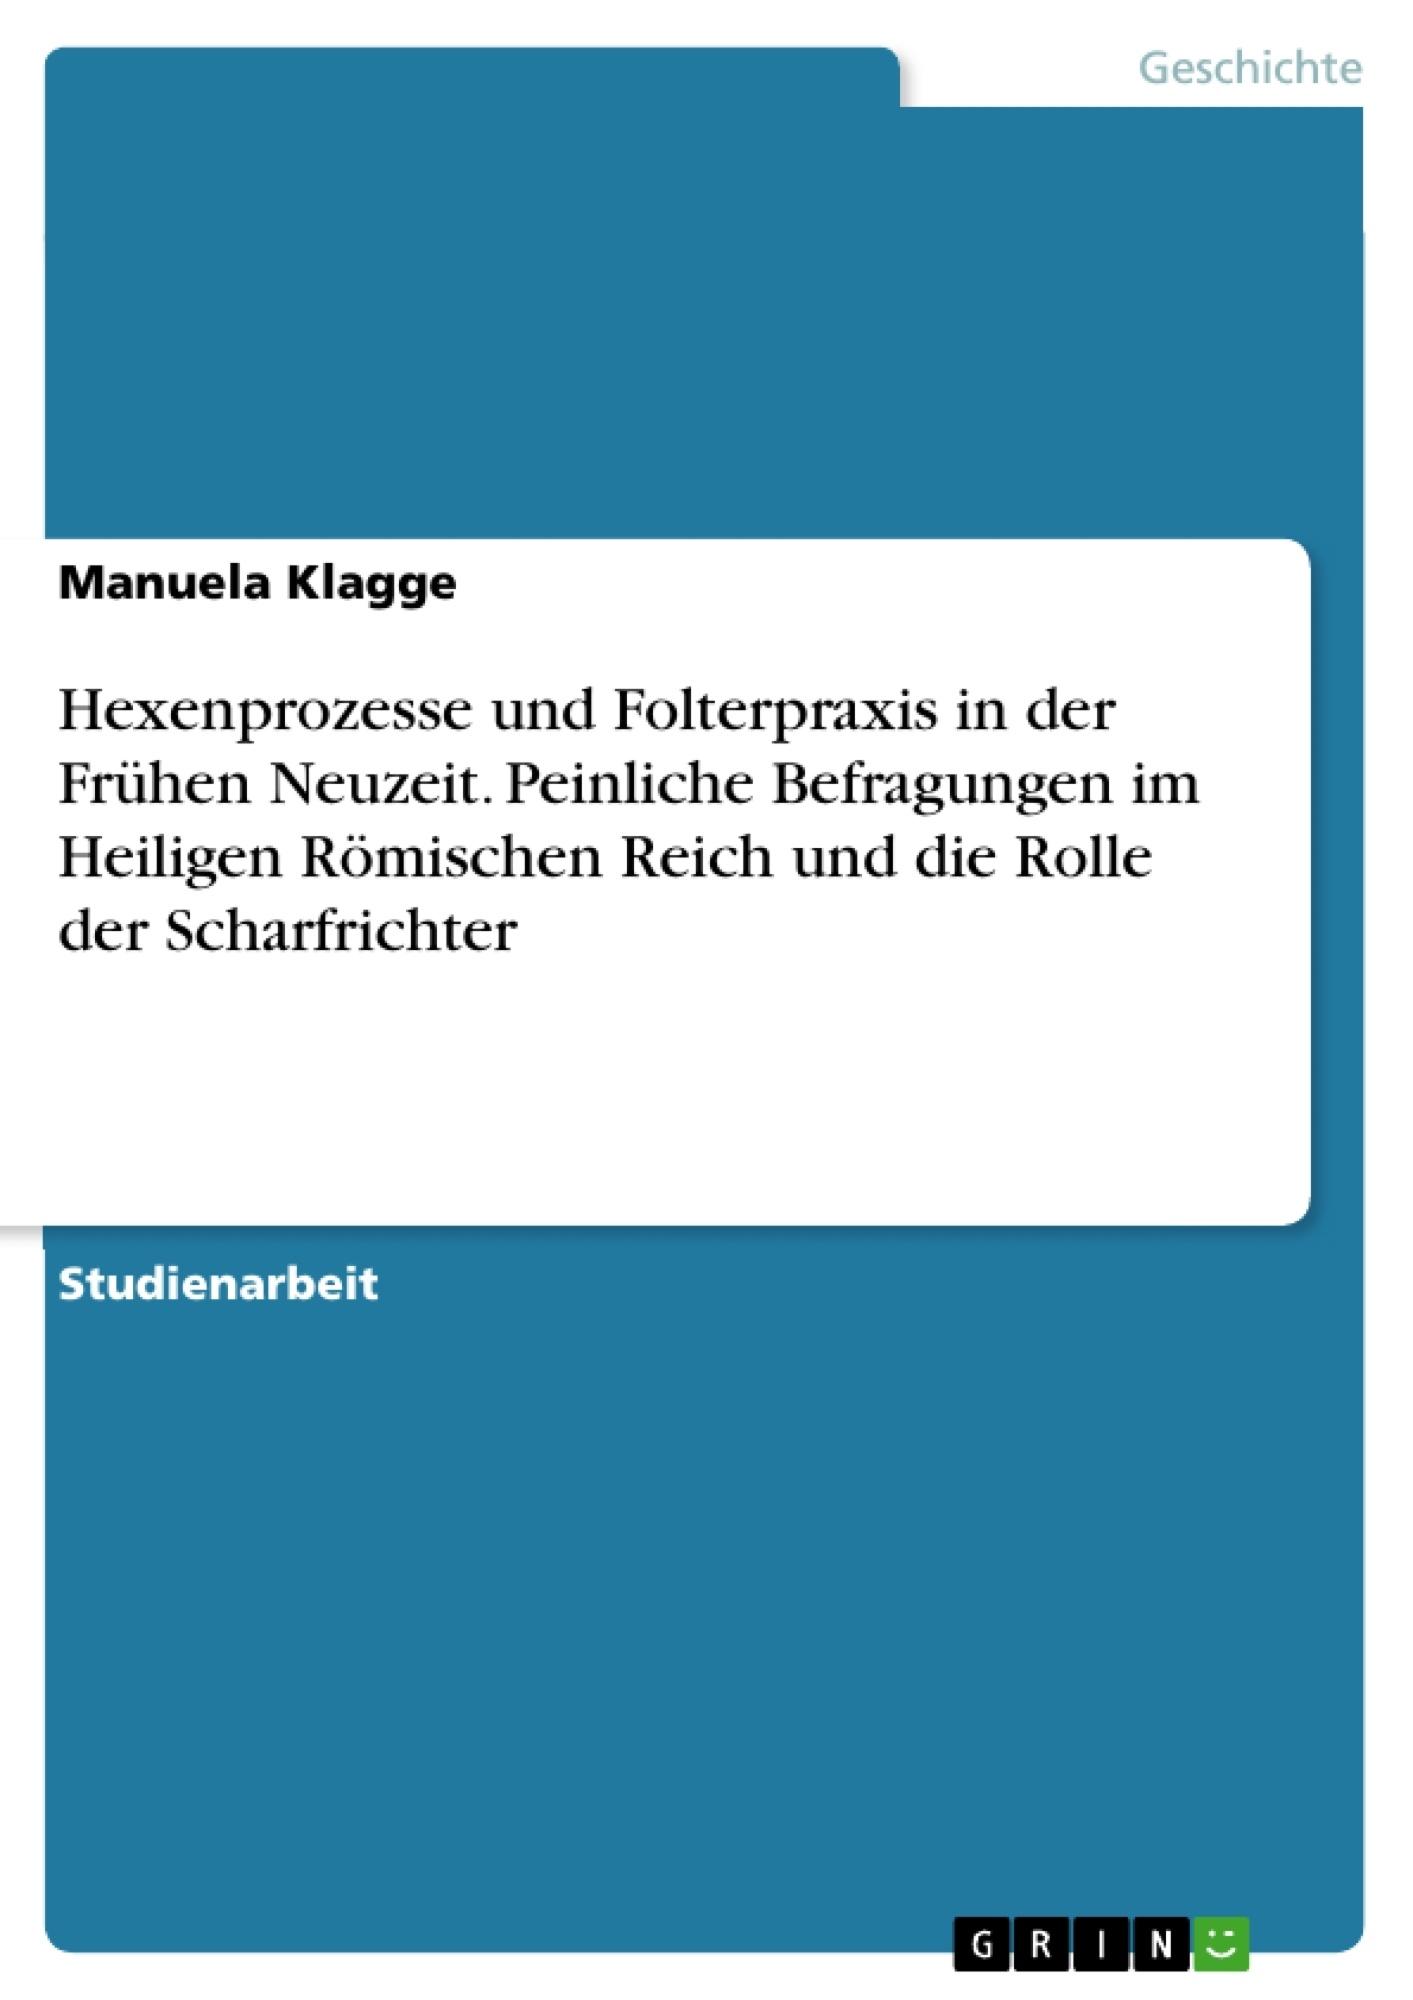 Titel: Hexenprozesse und Folterpraxis in der Frühen Neuzeit. Peinliche Befragungen im Heiligen Römischen Reich und die Rolle der Scharfrichter